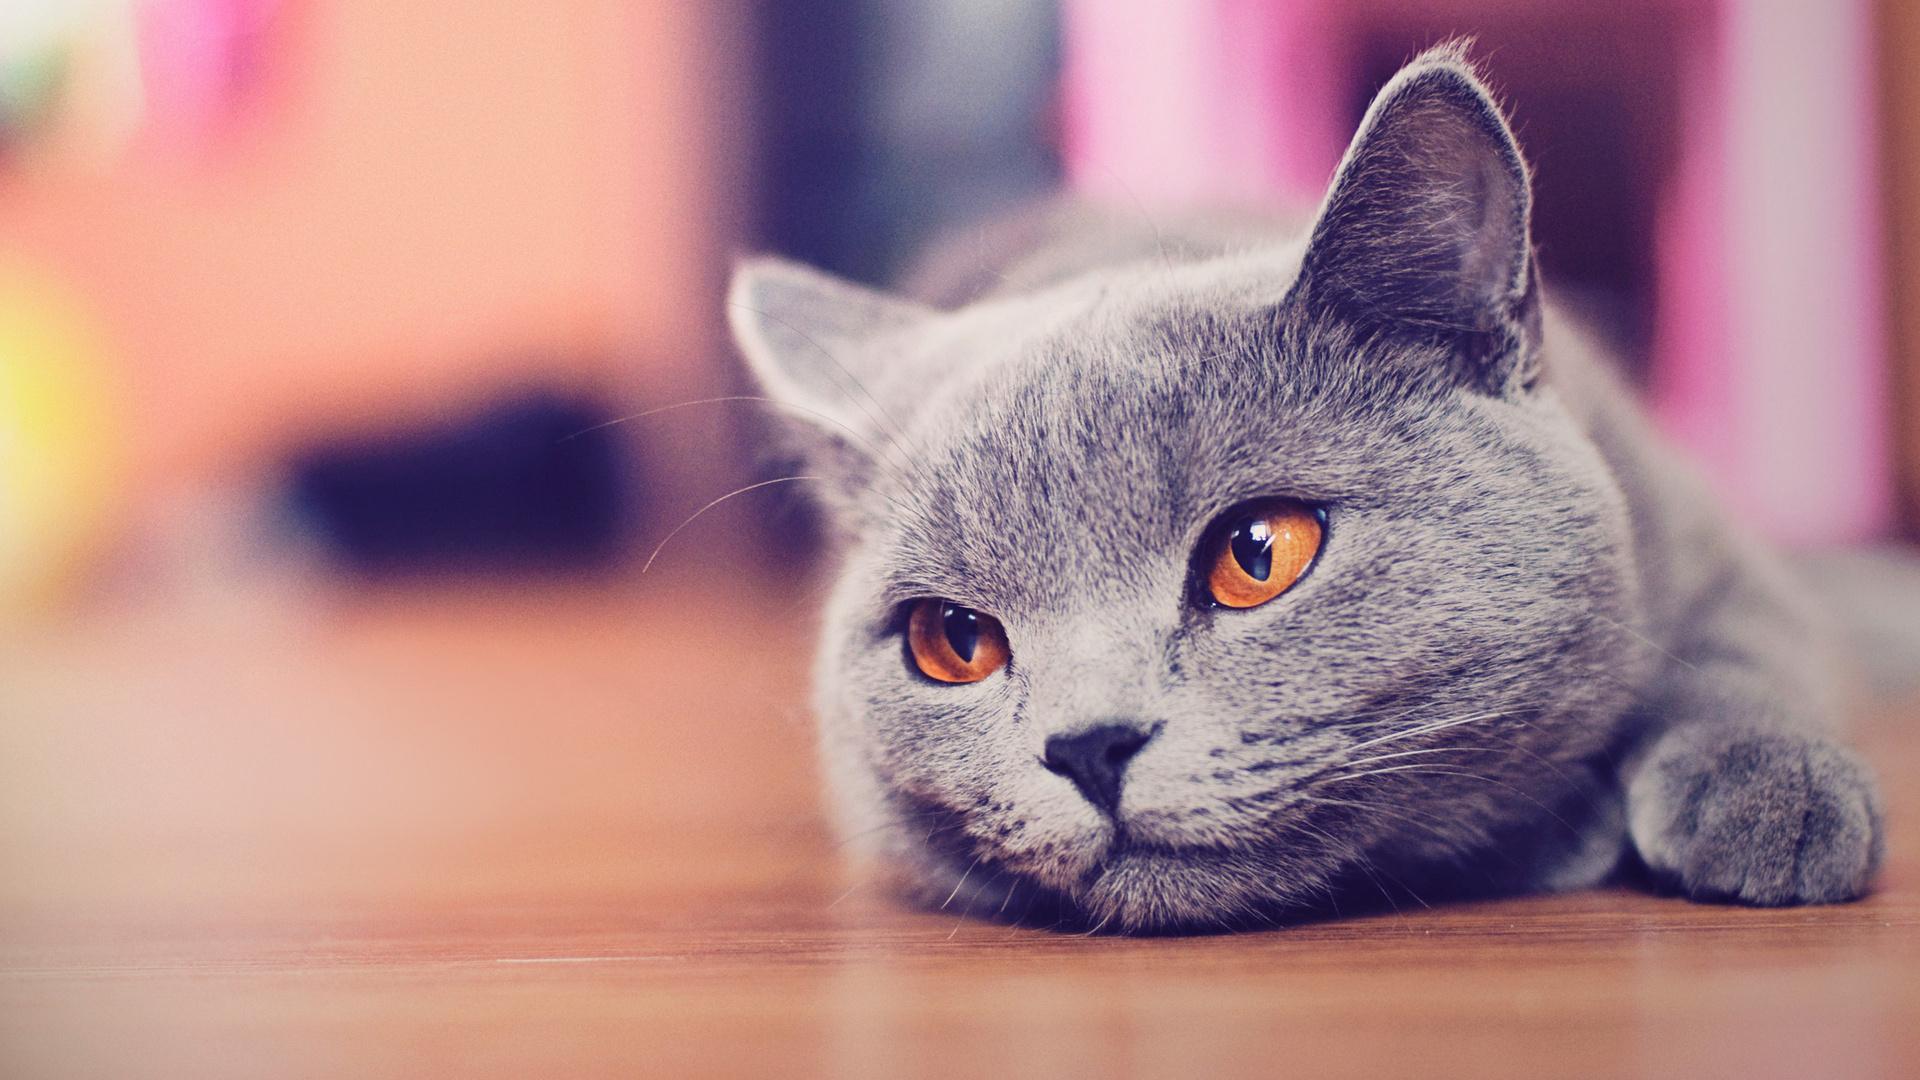 кот cat в хорошем качестве